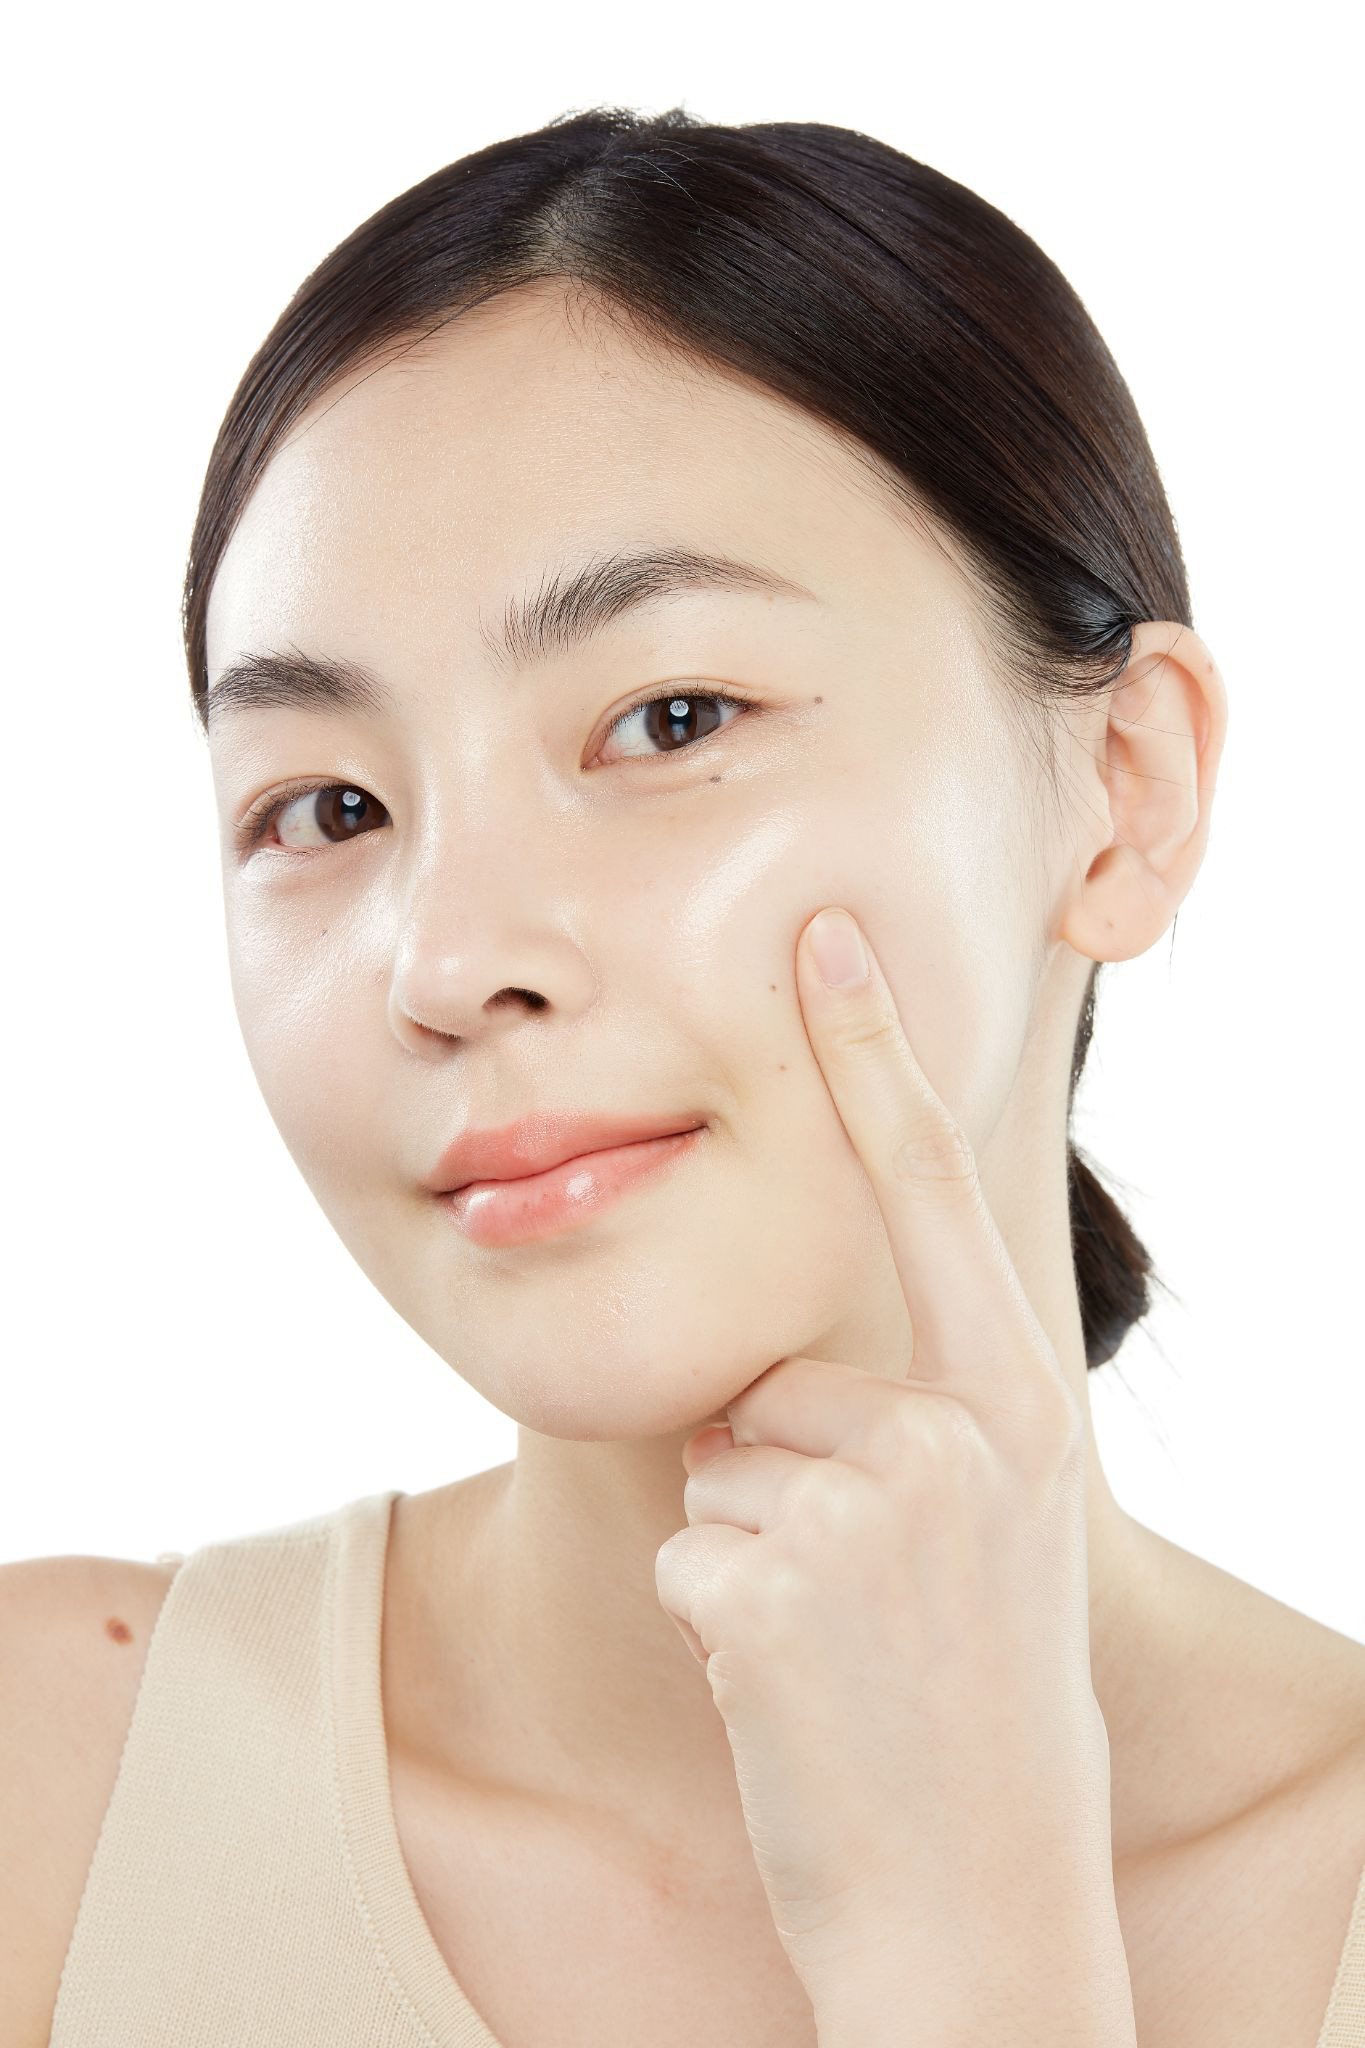 Khám phá xu hướng chăm sóc hàng rào bảo vệ da để sở hữu làn da khỏe mạnh, đẩy lùi lão hóa - Ảnh 2.